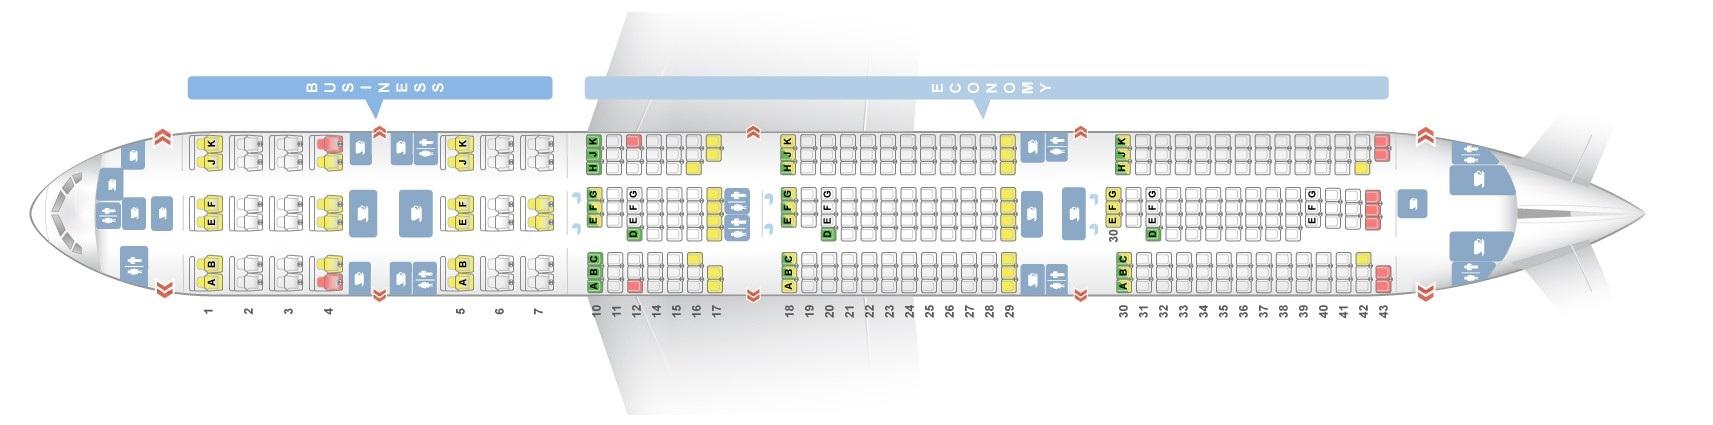 qatar_airways_boeing_777-300er